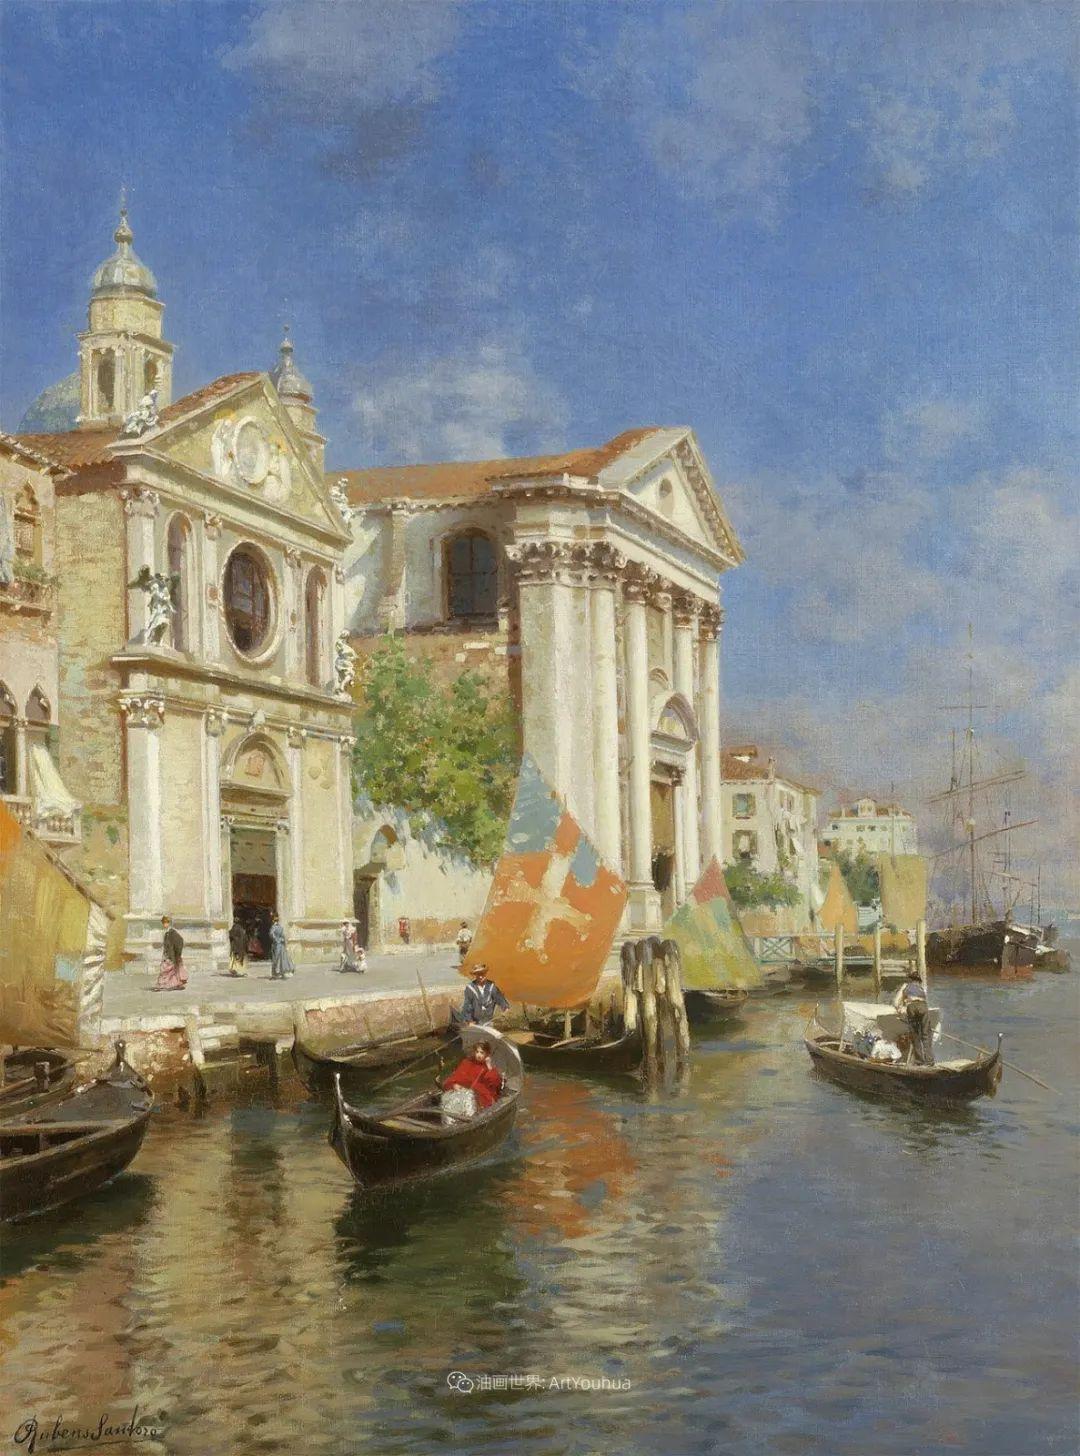 威尼斯风光,意大利画家鲁本斯·桑托罗插图19